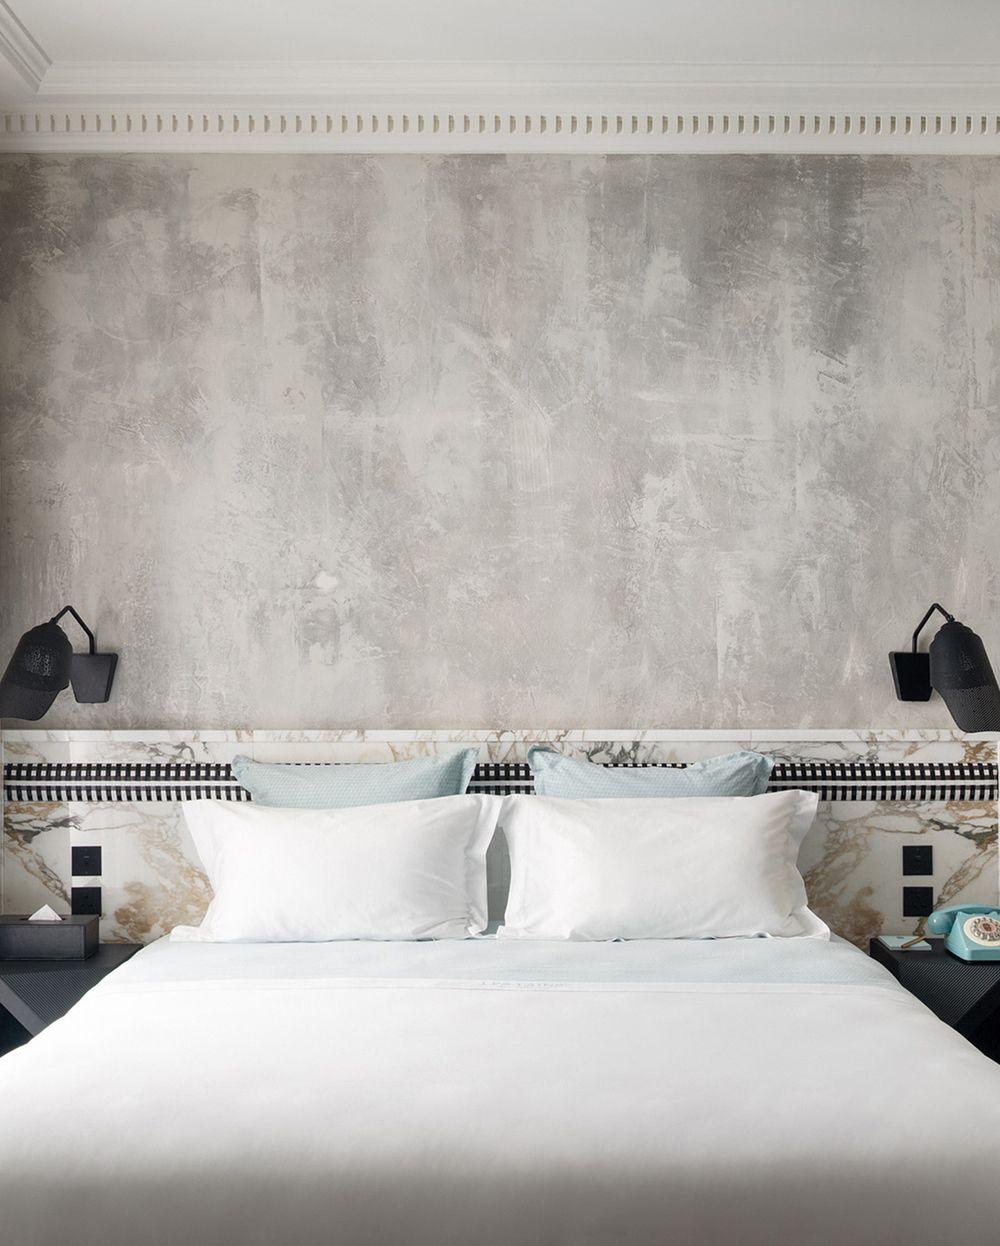 Plaster walls les bains douches paris 7 19th century Bedrooms